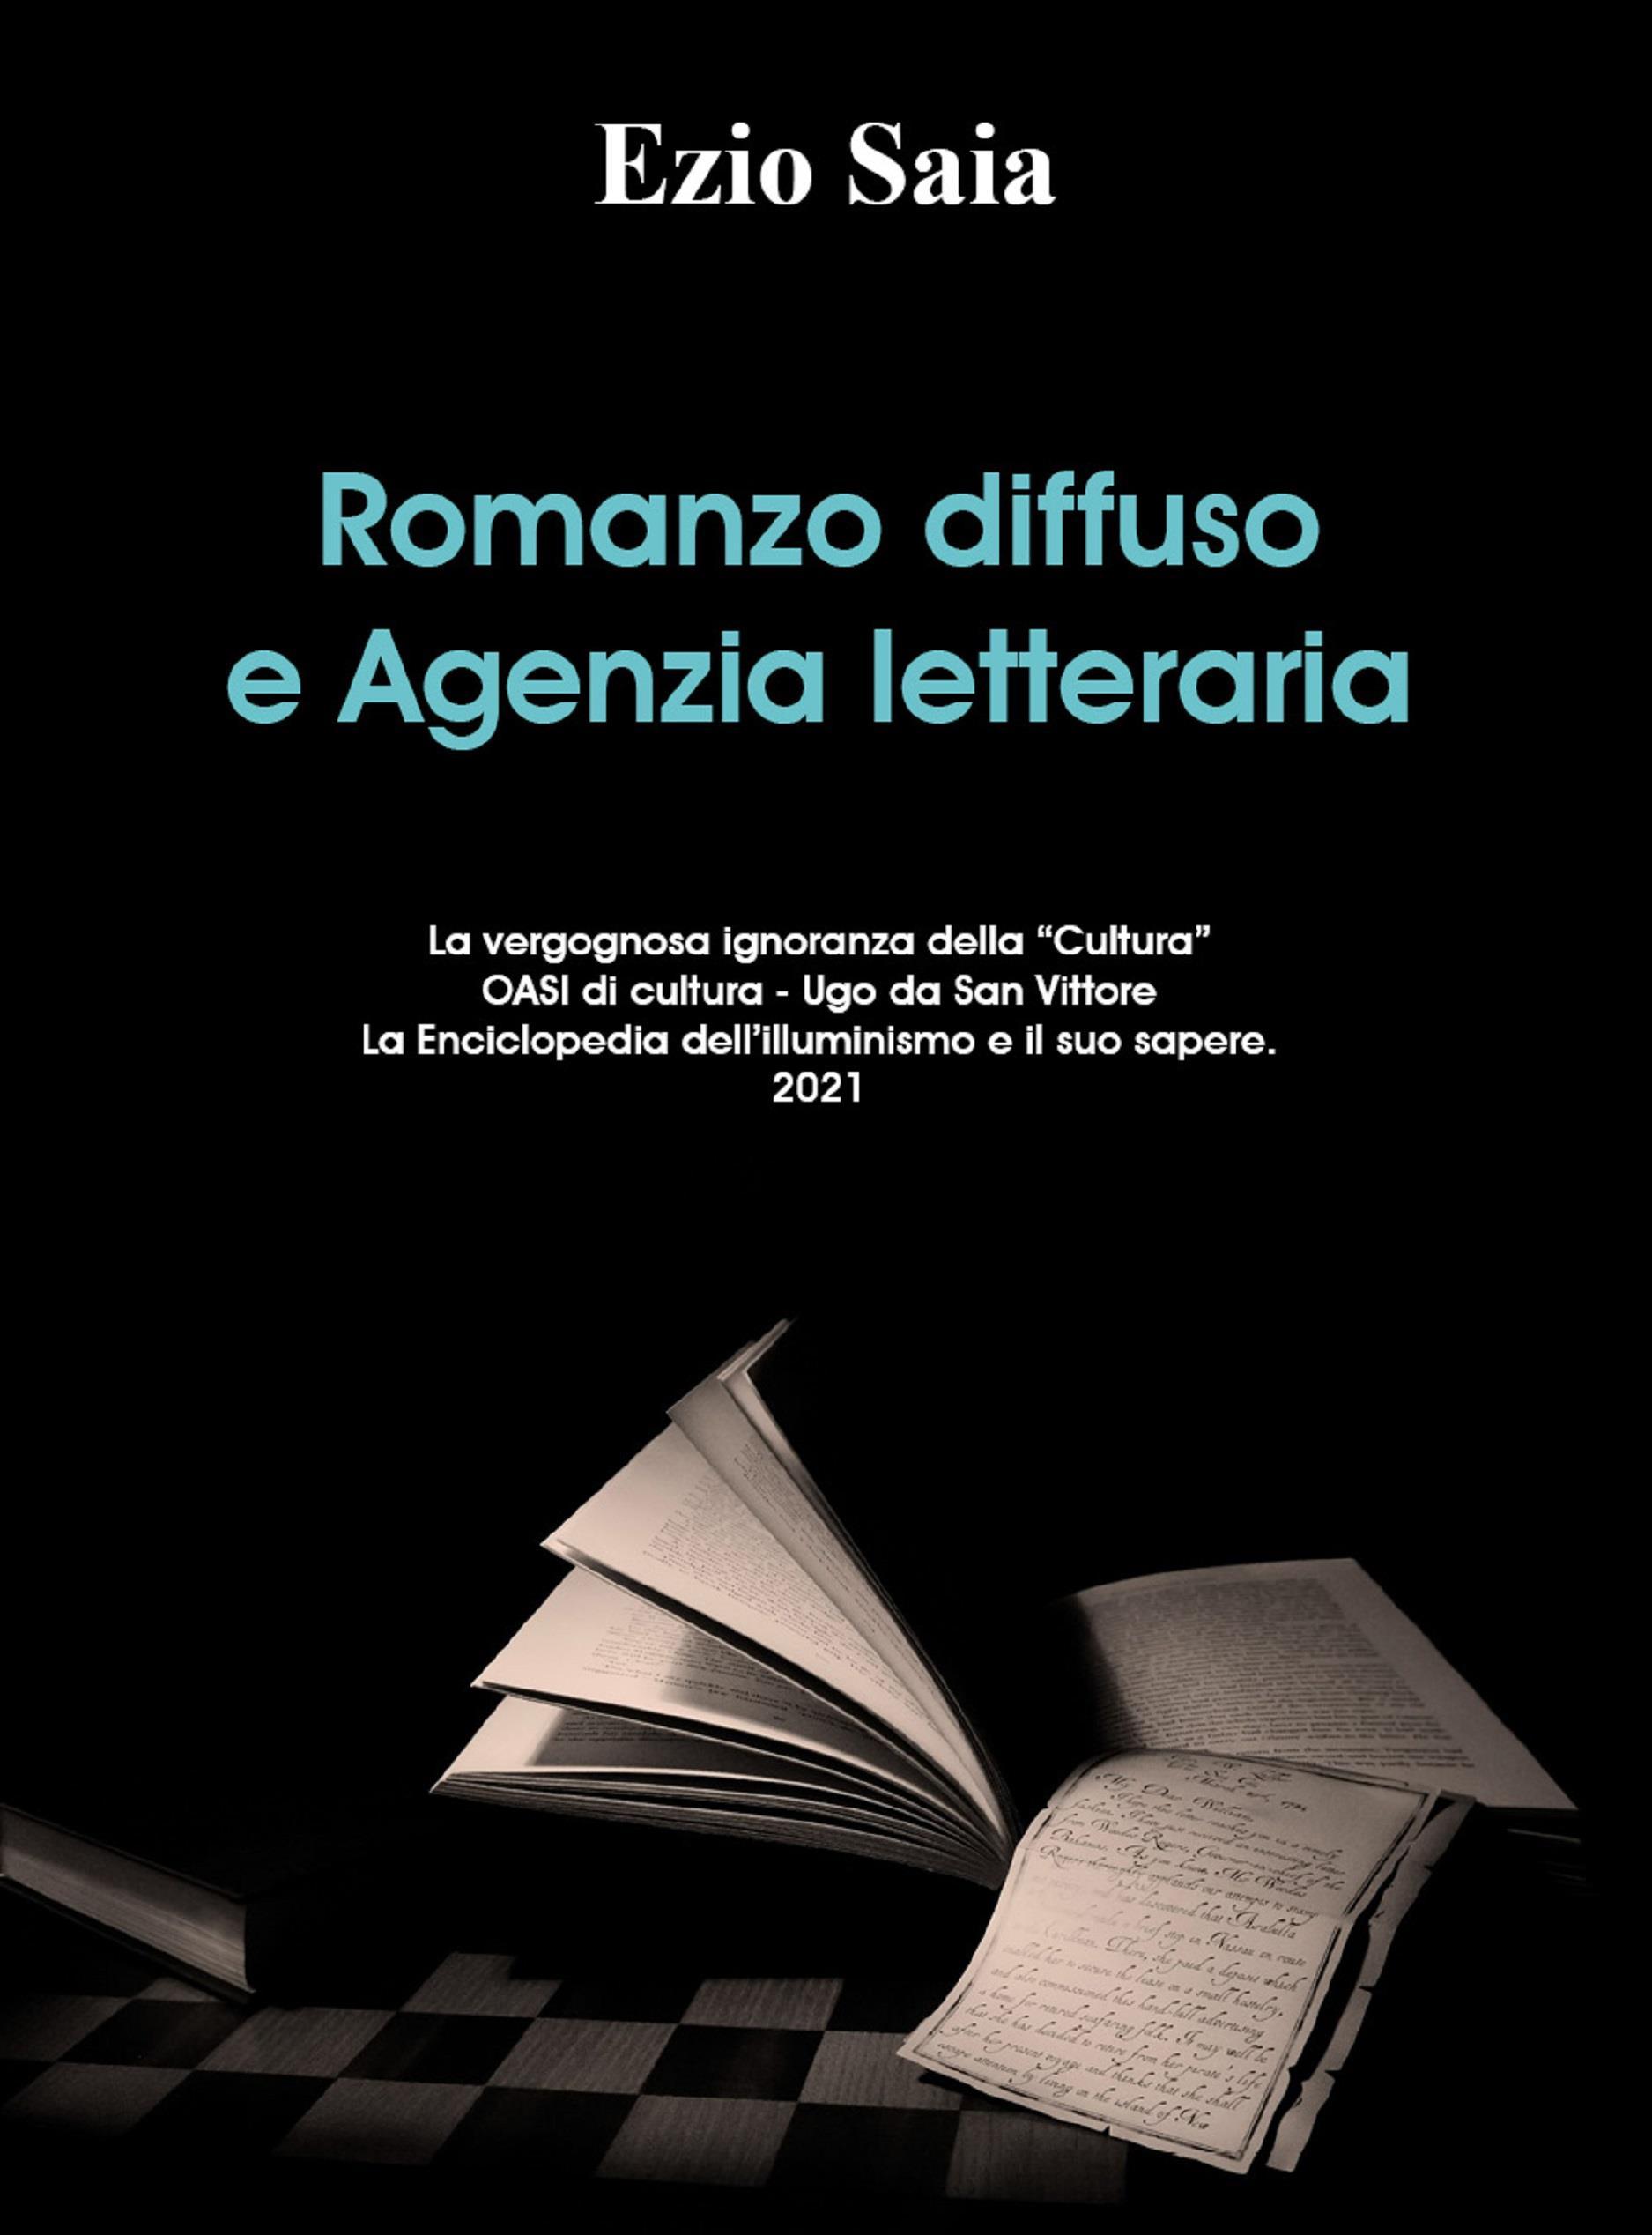 Romanzo diffuso e agenzie letterarie